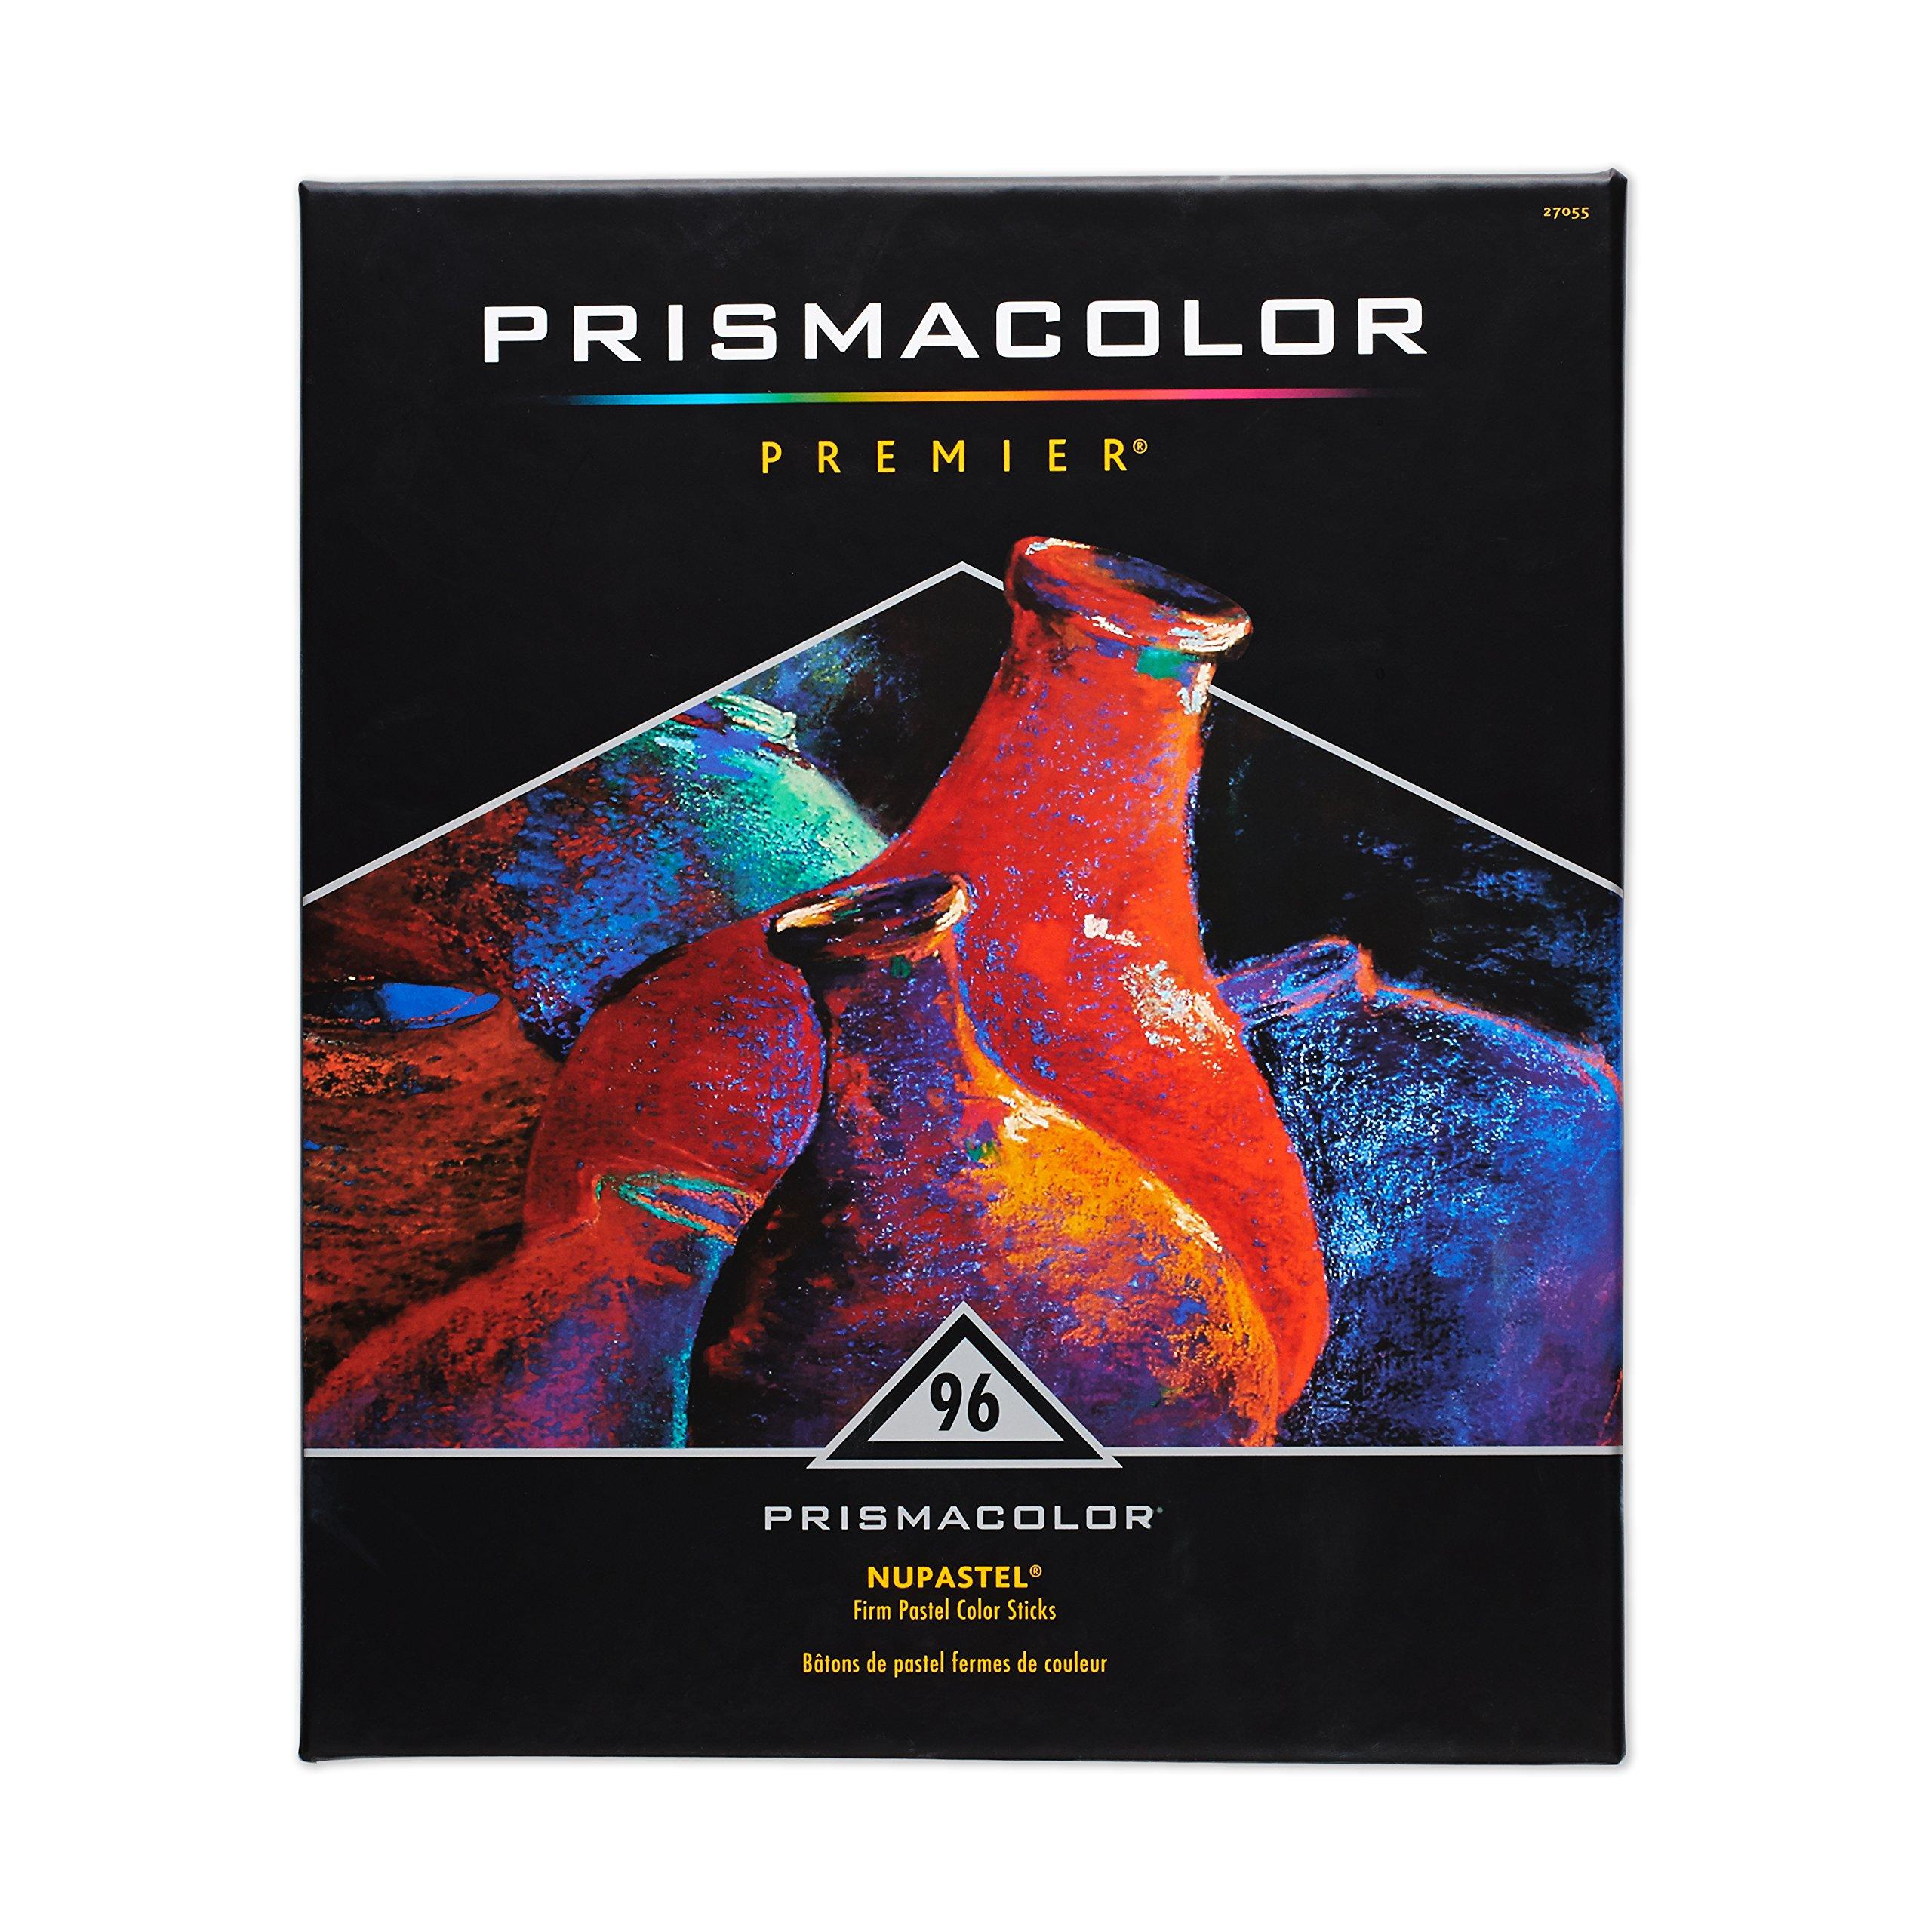 Prismacolor 27055 Premier NuPastel Firm Pastel Color Sticks, 96-Count by Prismacolor (Image #14)